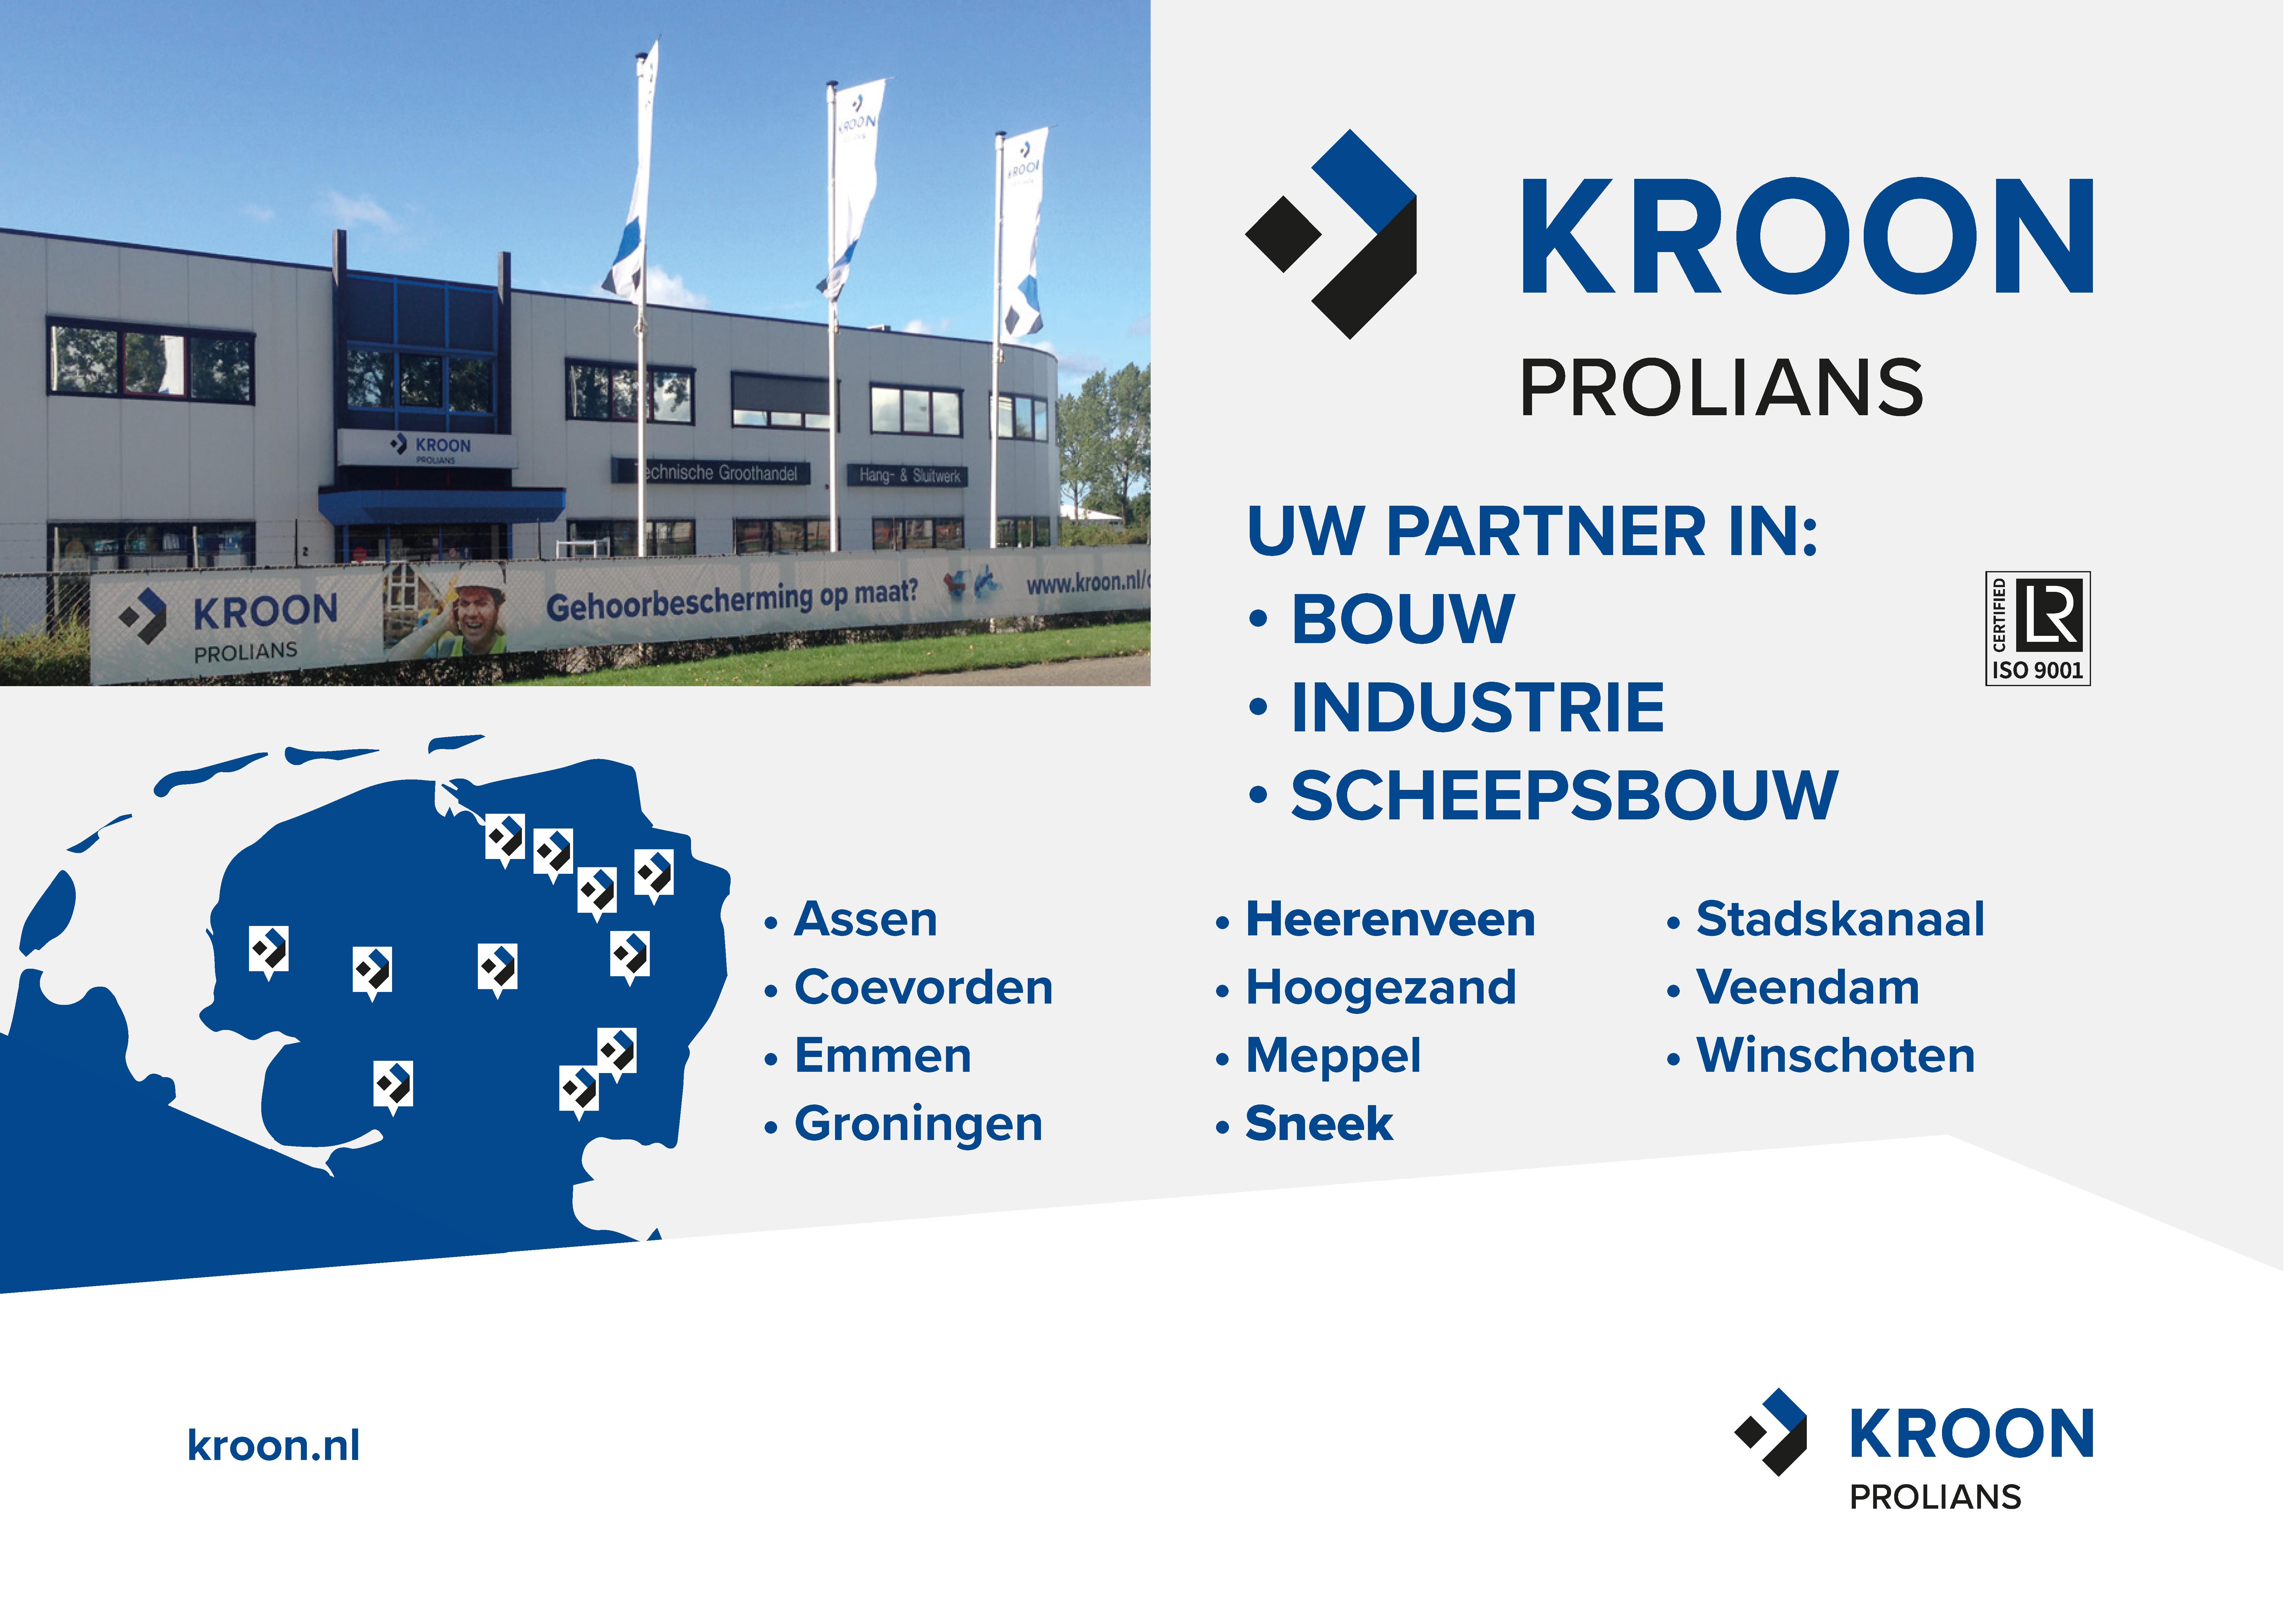 Adv Kroon. A6 landscape de Edelzanger